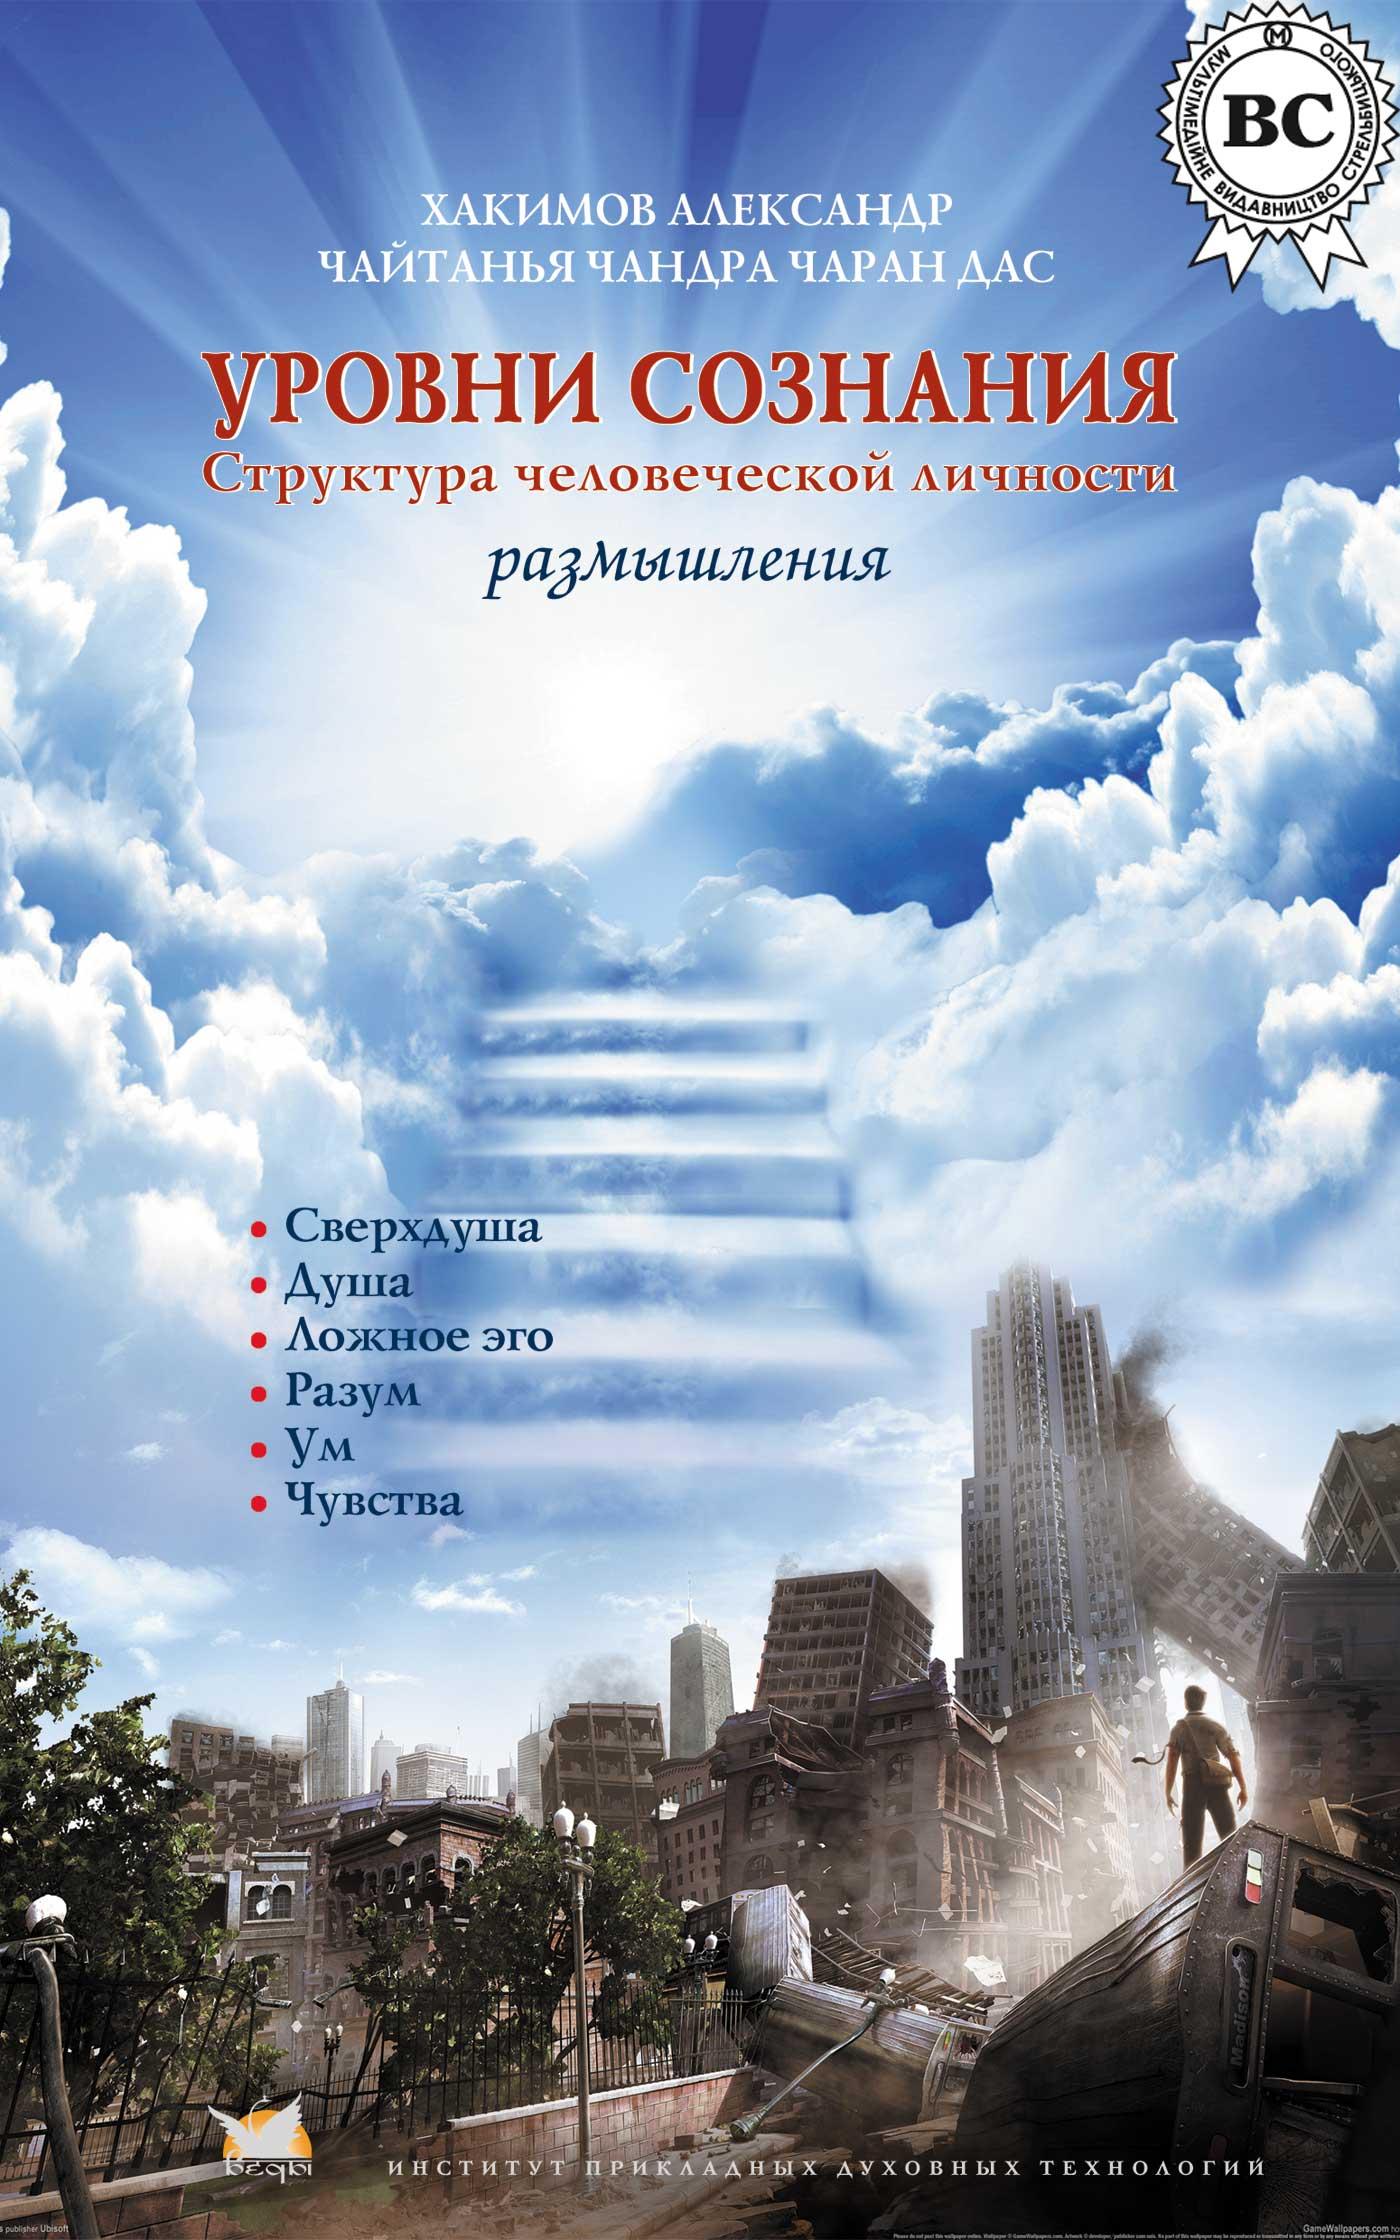 АЛЕКСАНДР ХАКИМОВ КНИГИ СКАЧАТЬ БЕСПЛАТНО